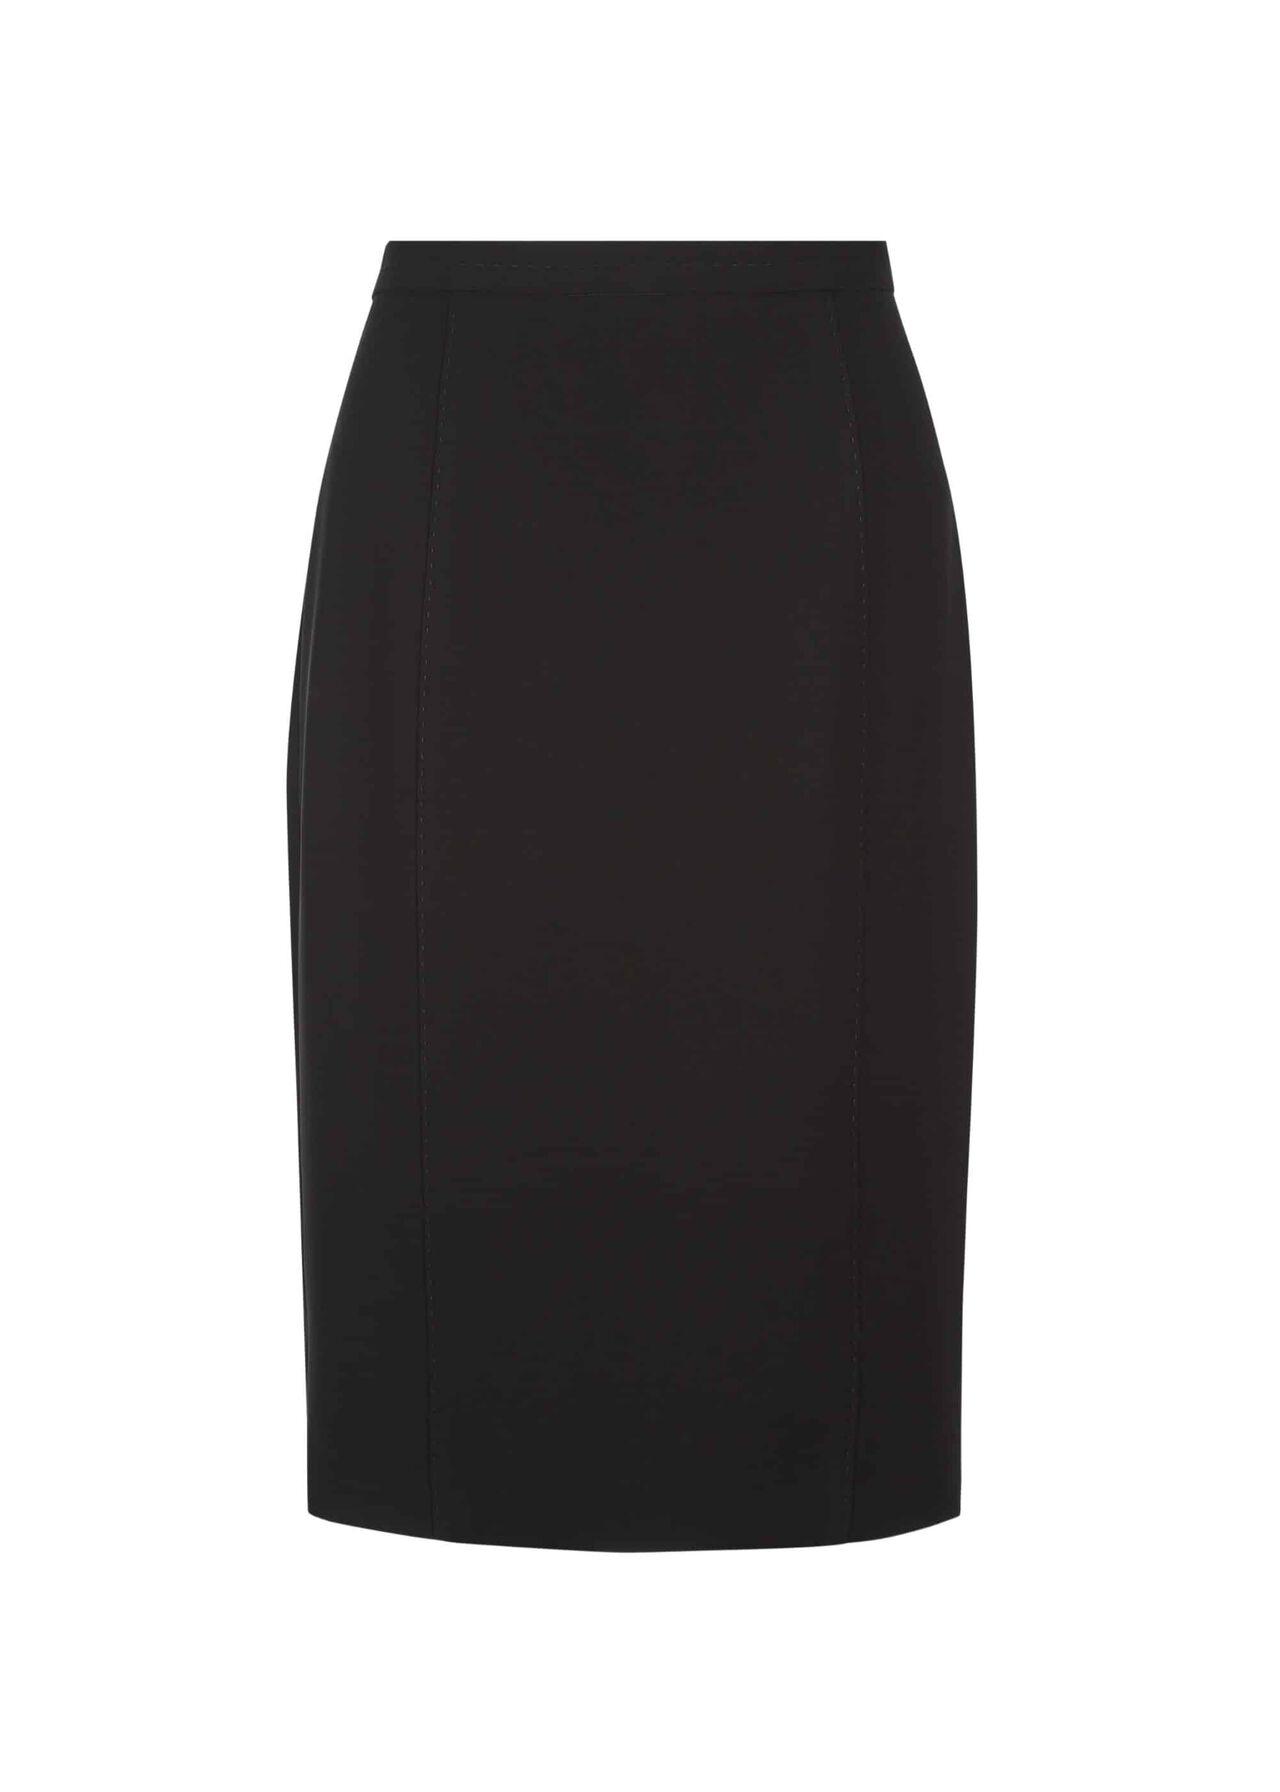 Mina Skirt Black